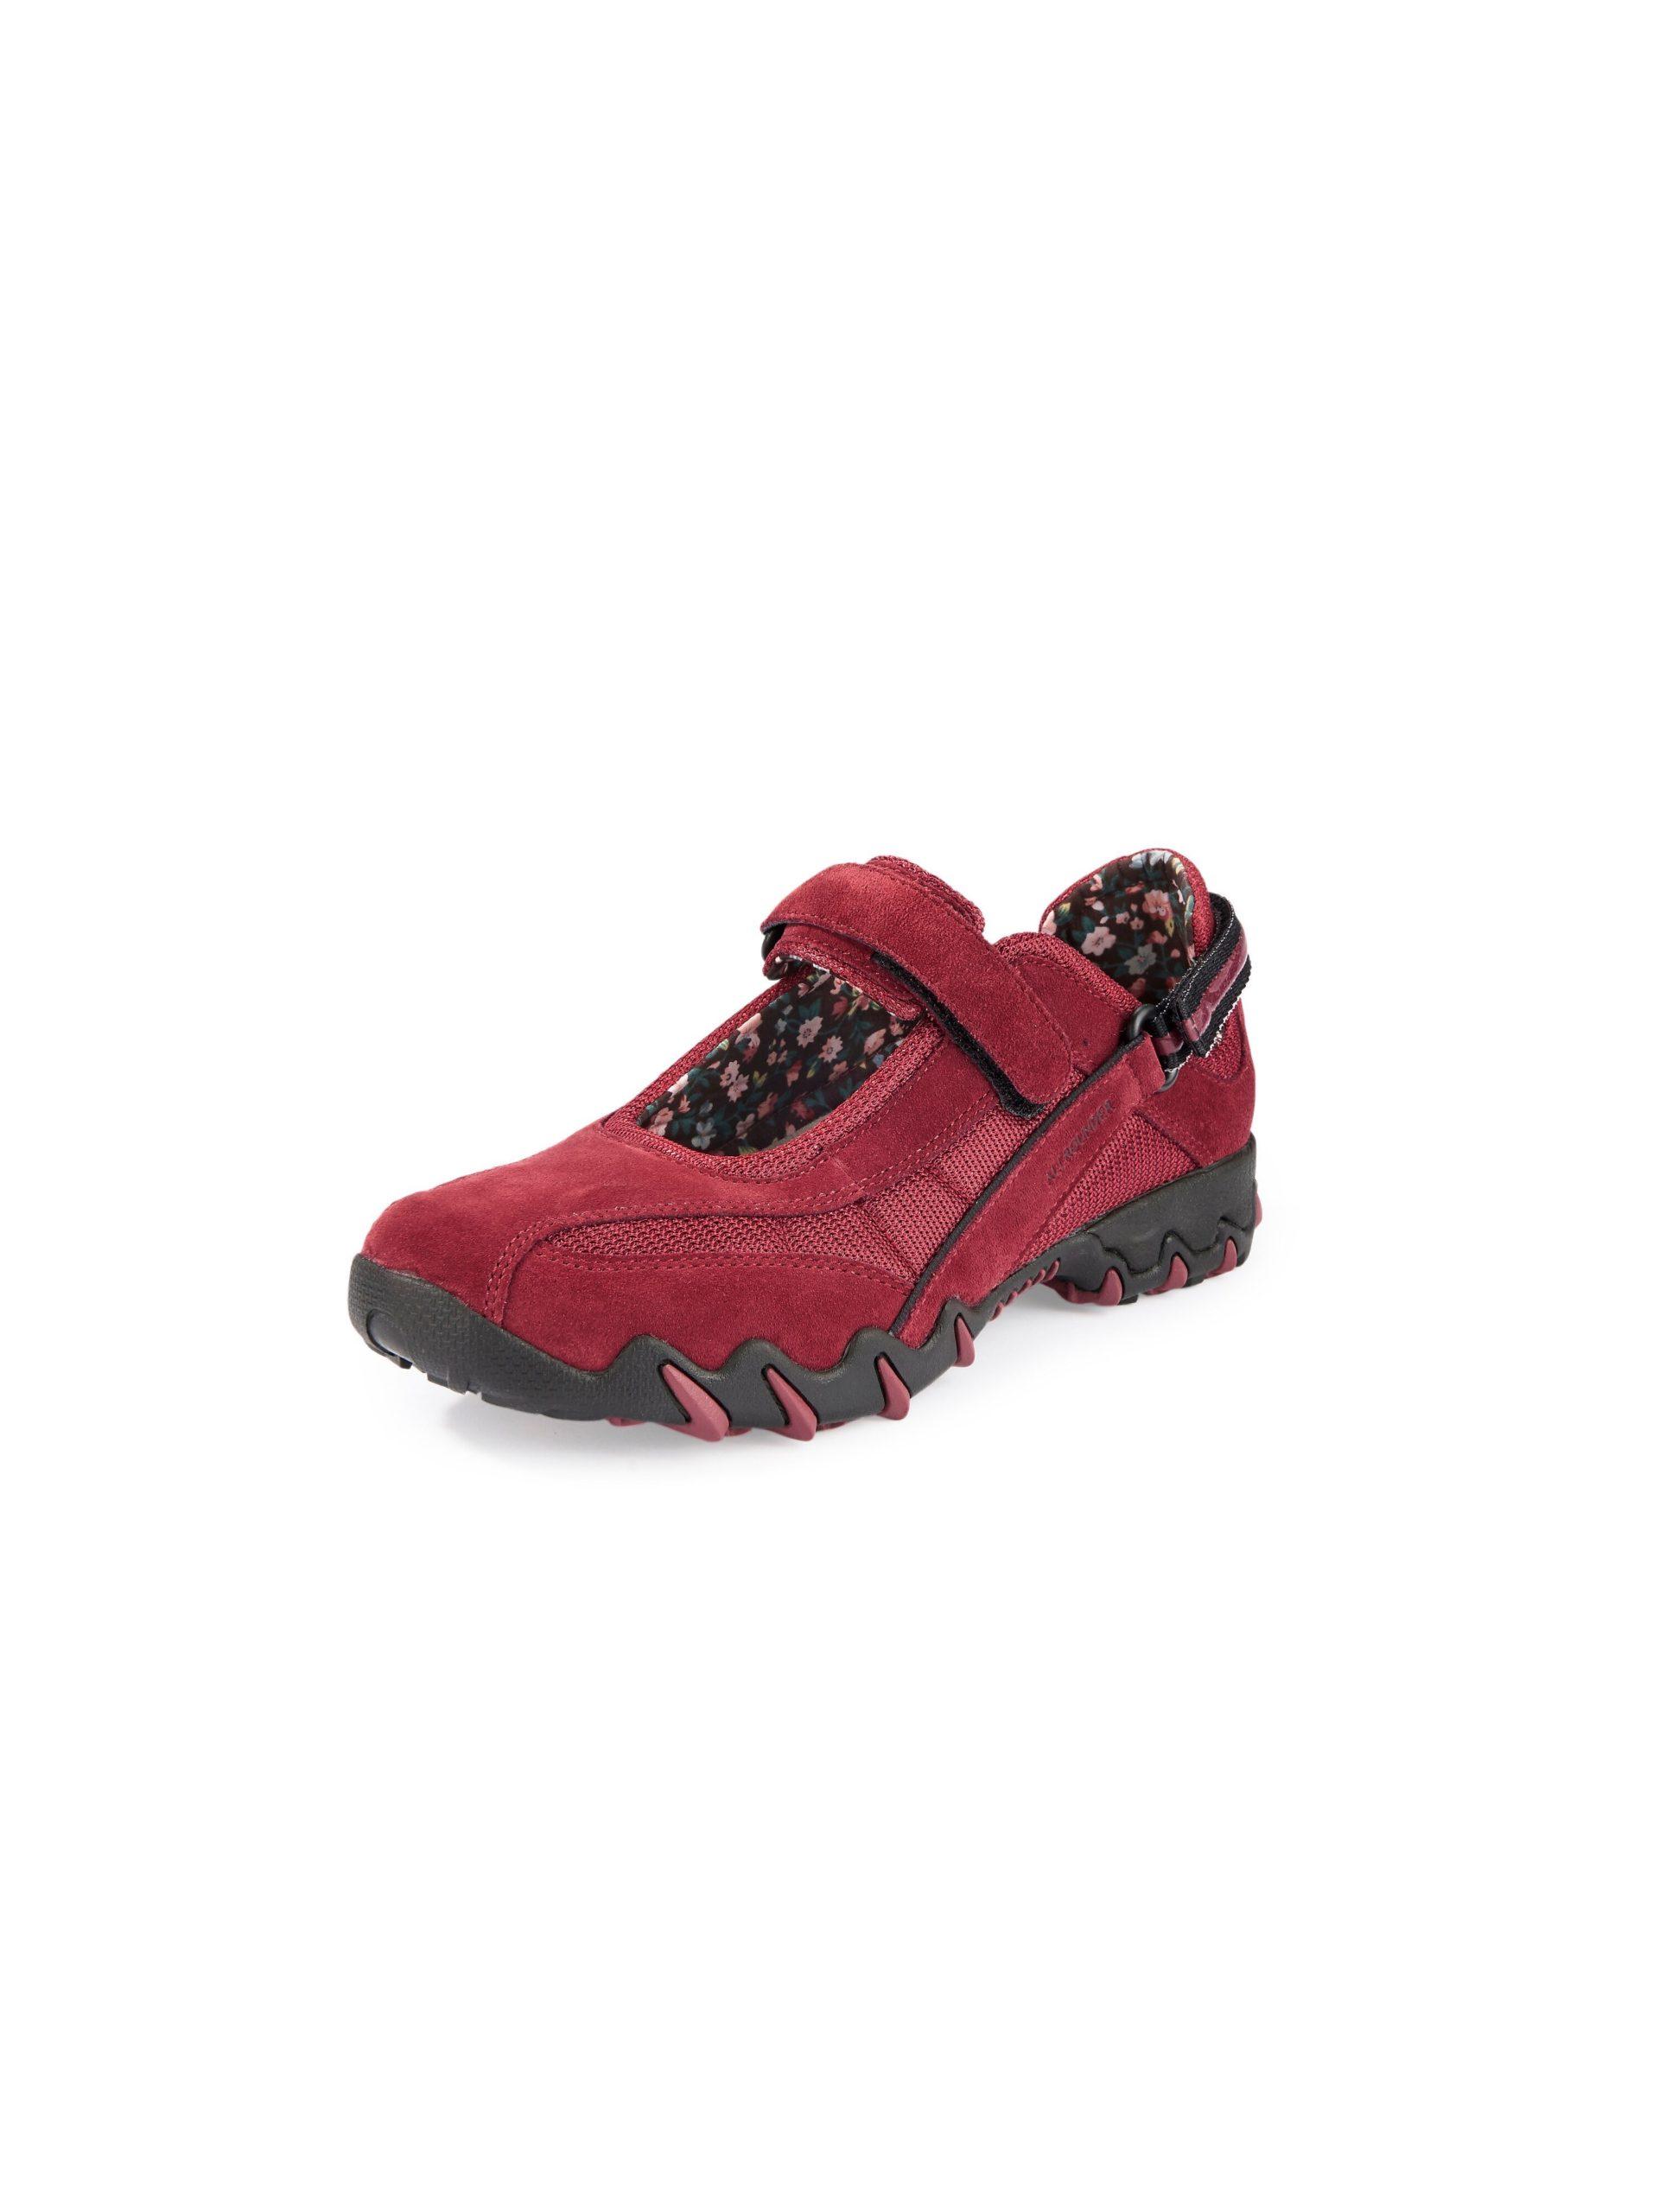 Vrijetijdsschoenen Van Allrounder rood Kopen